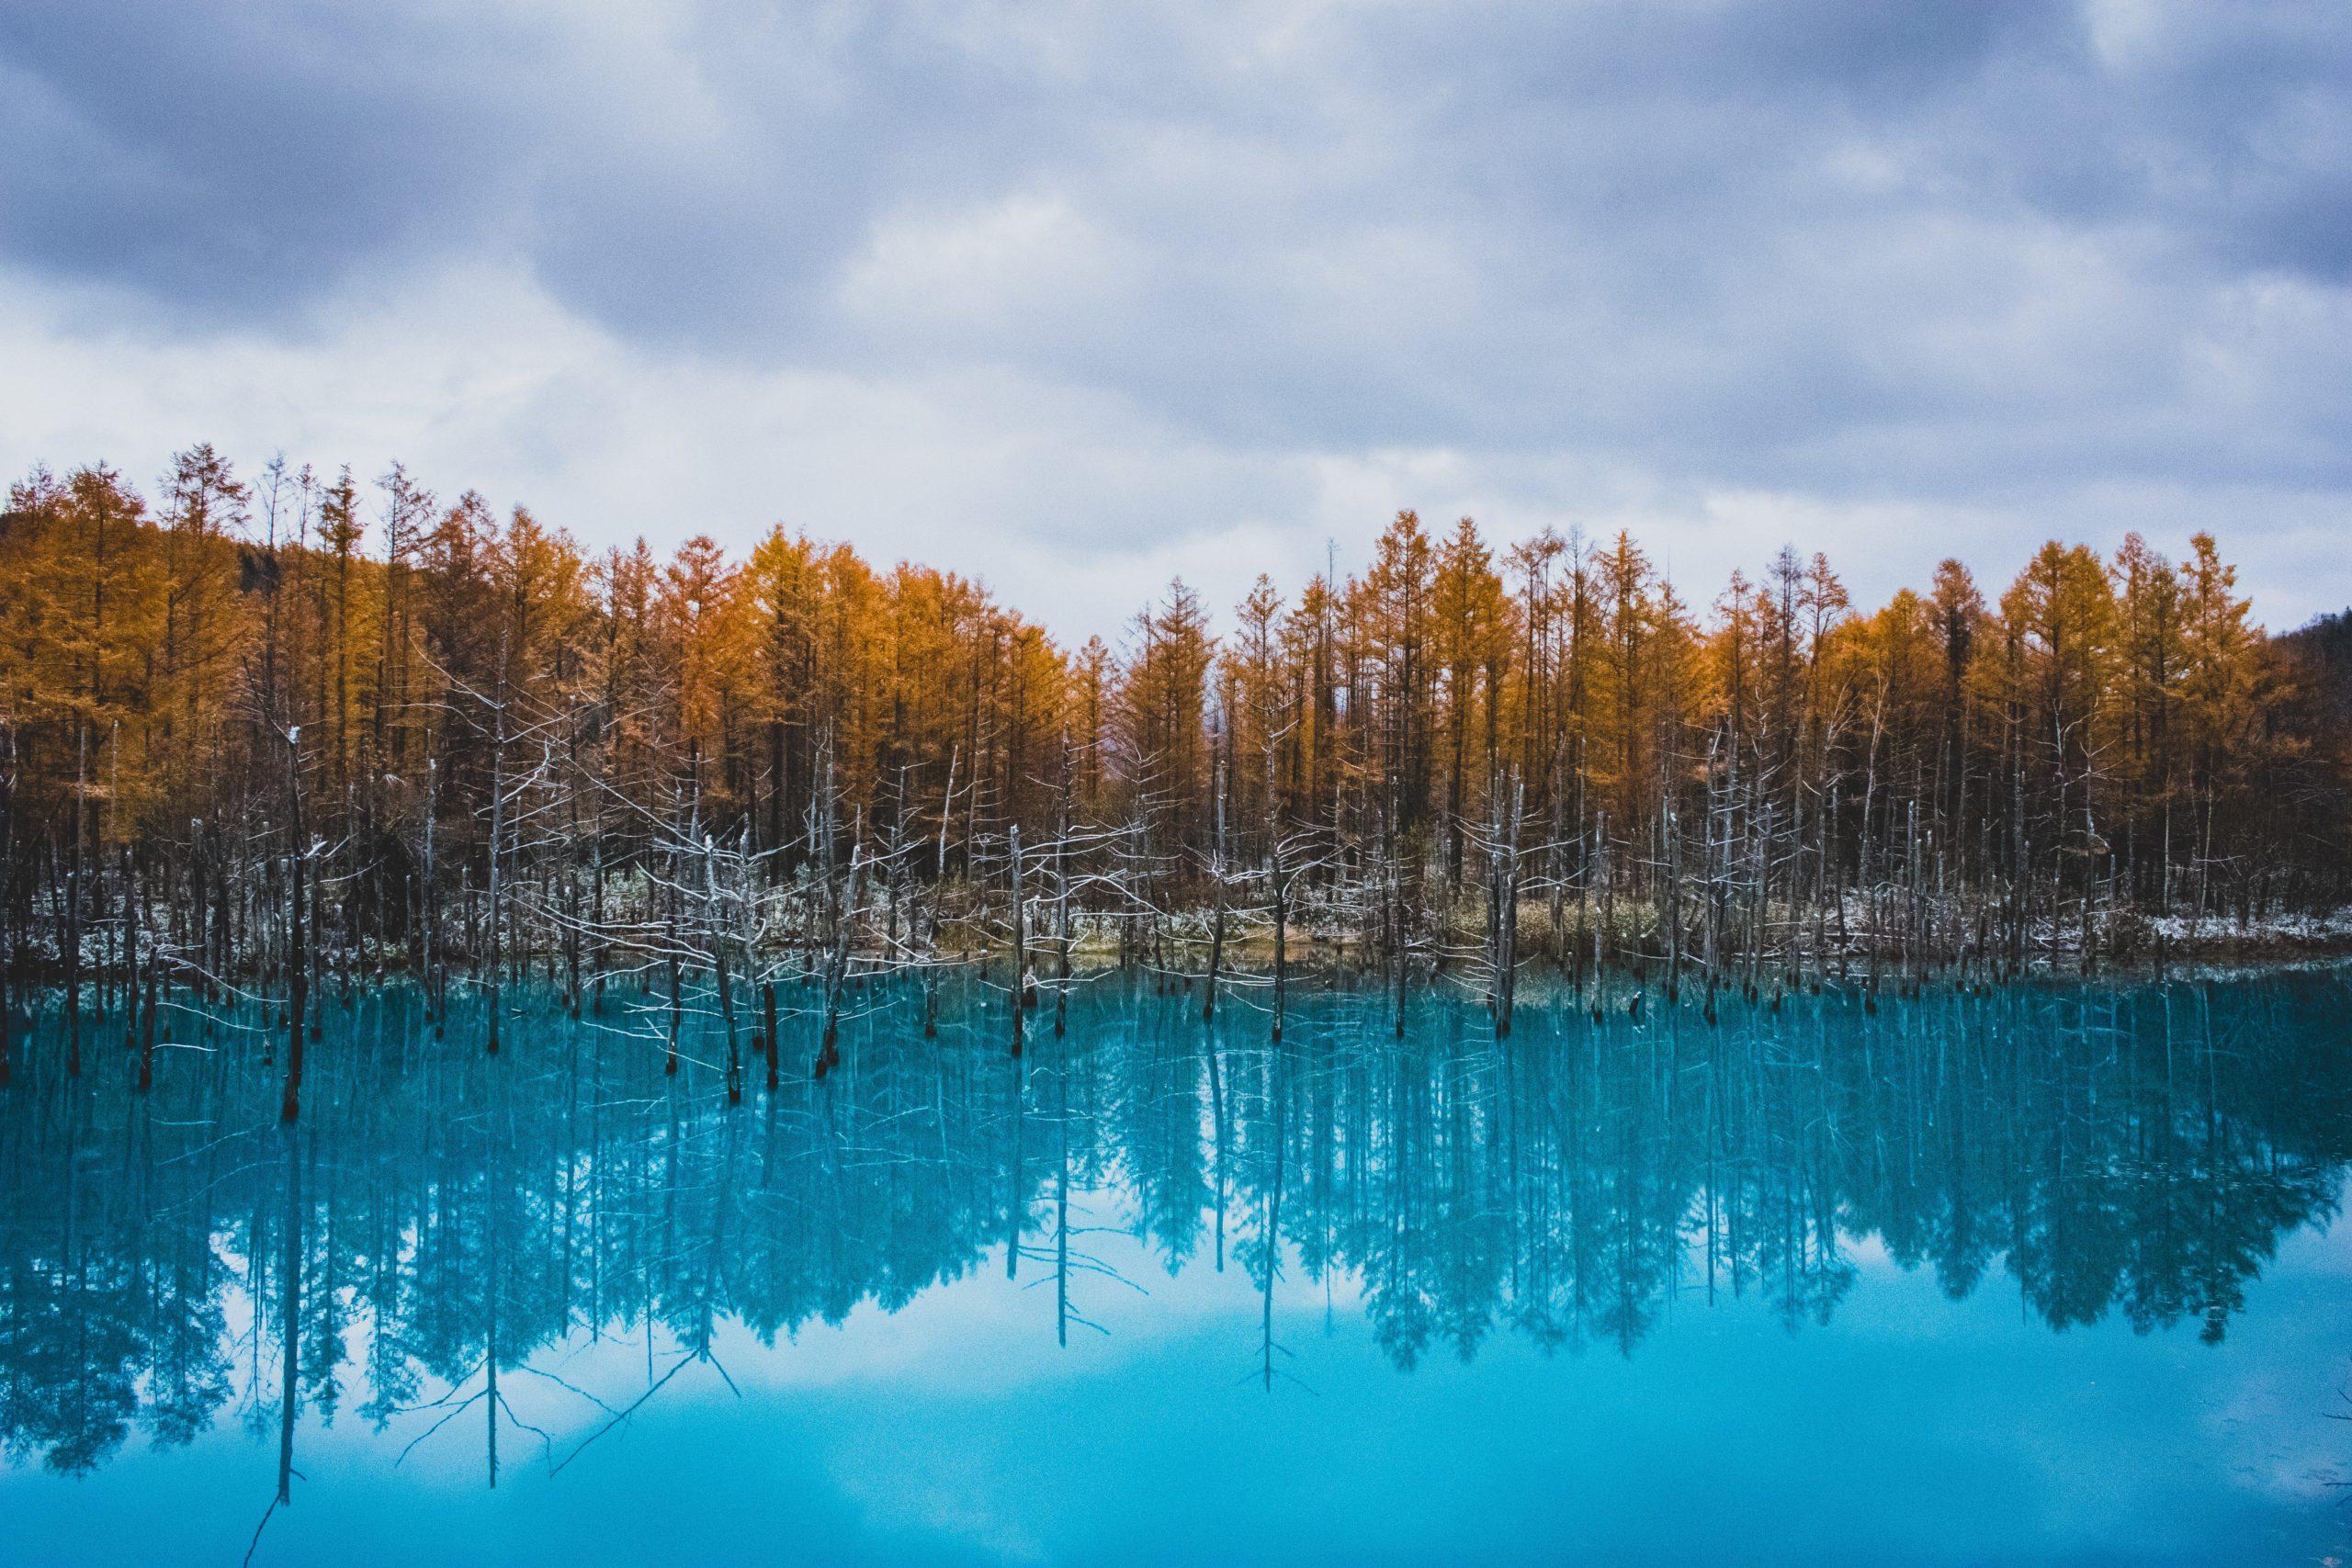 【絶景】美瑛の青い池。自然の色とは思えない、鮮やかなコバルトブルーが神秘的